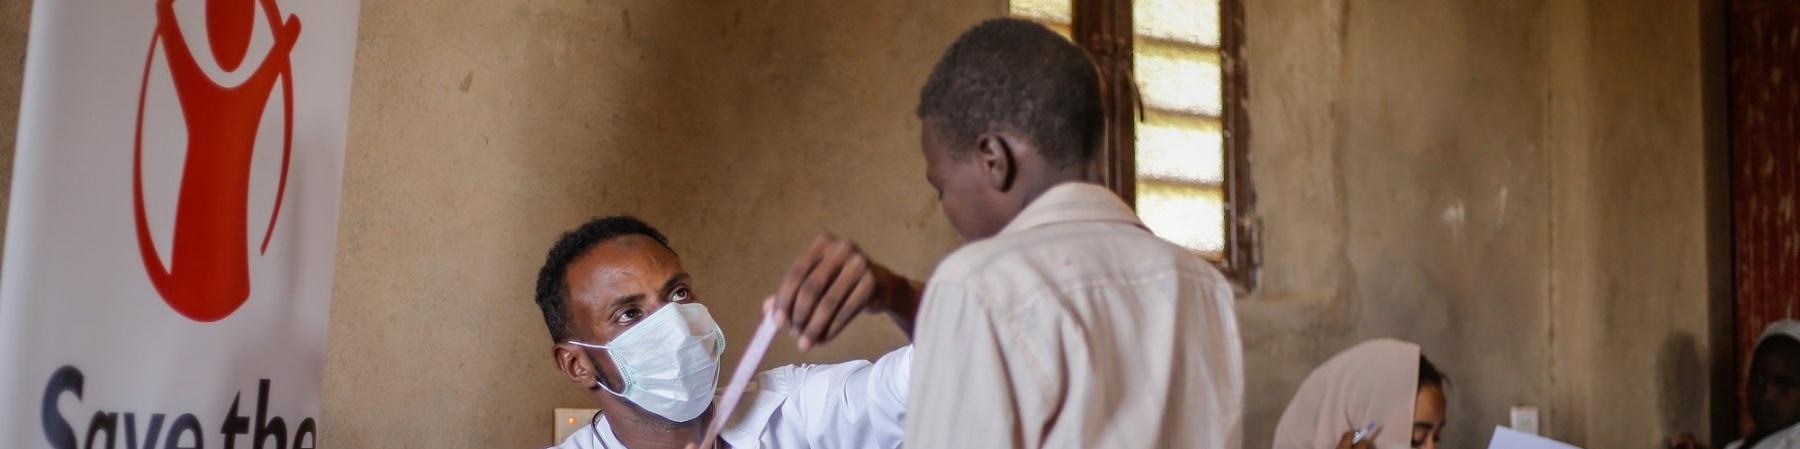 Sudan un operatore con mascherina visita un bambino in piedi di fronte a lui